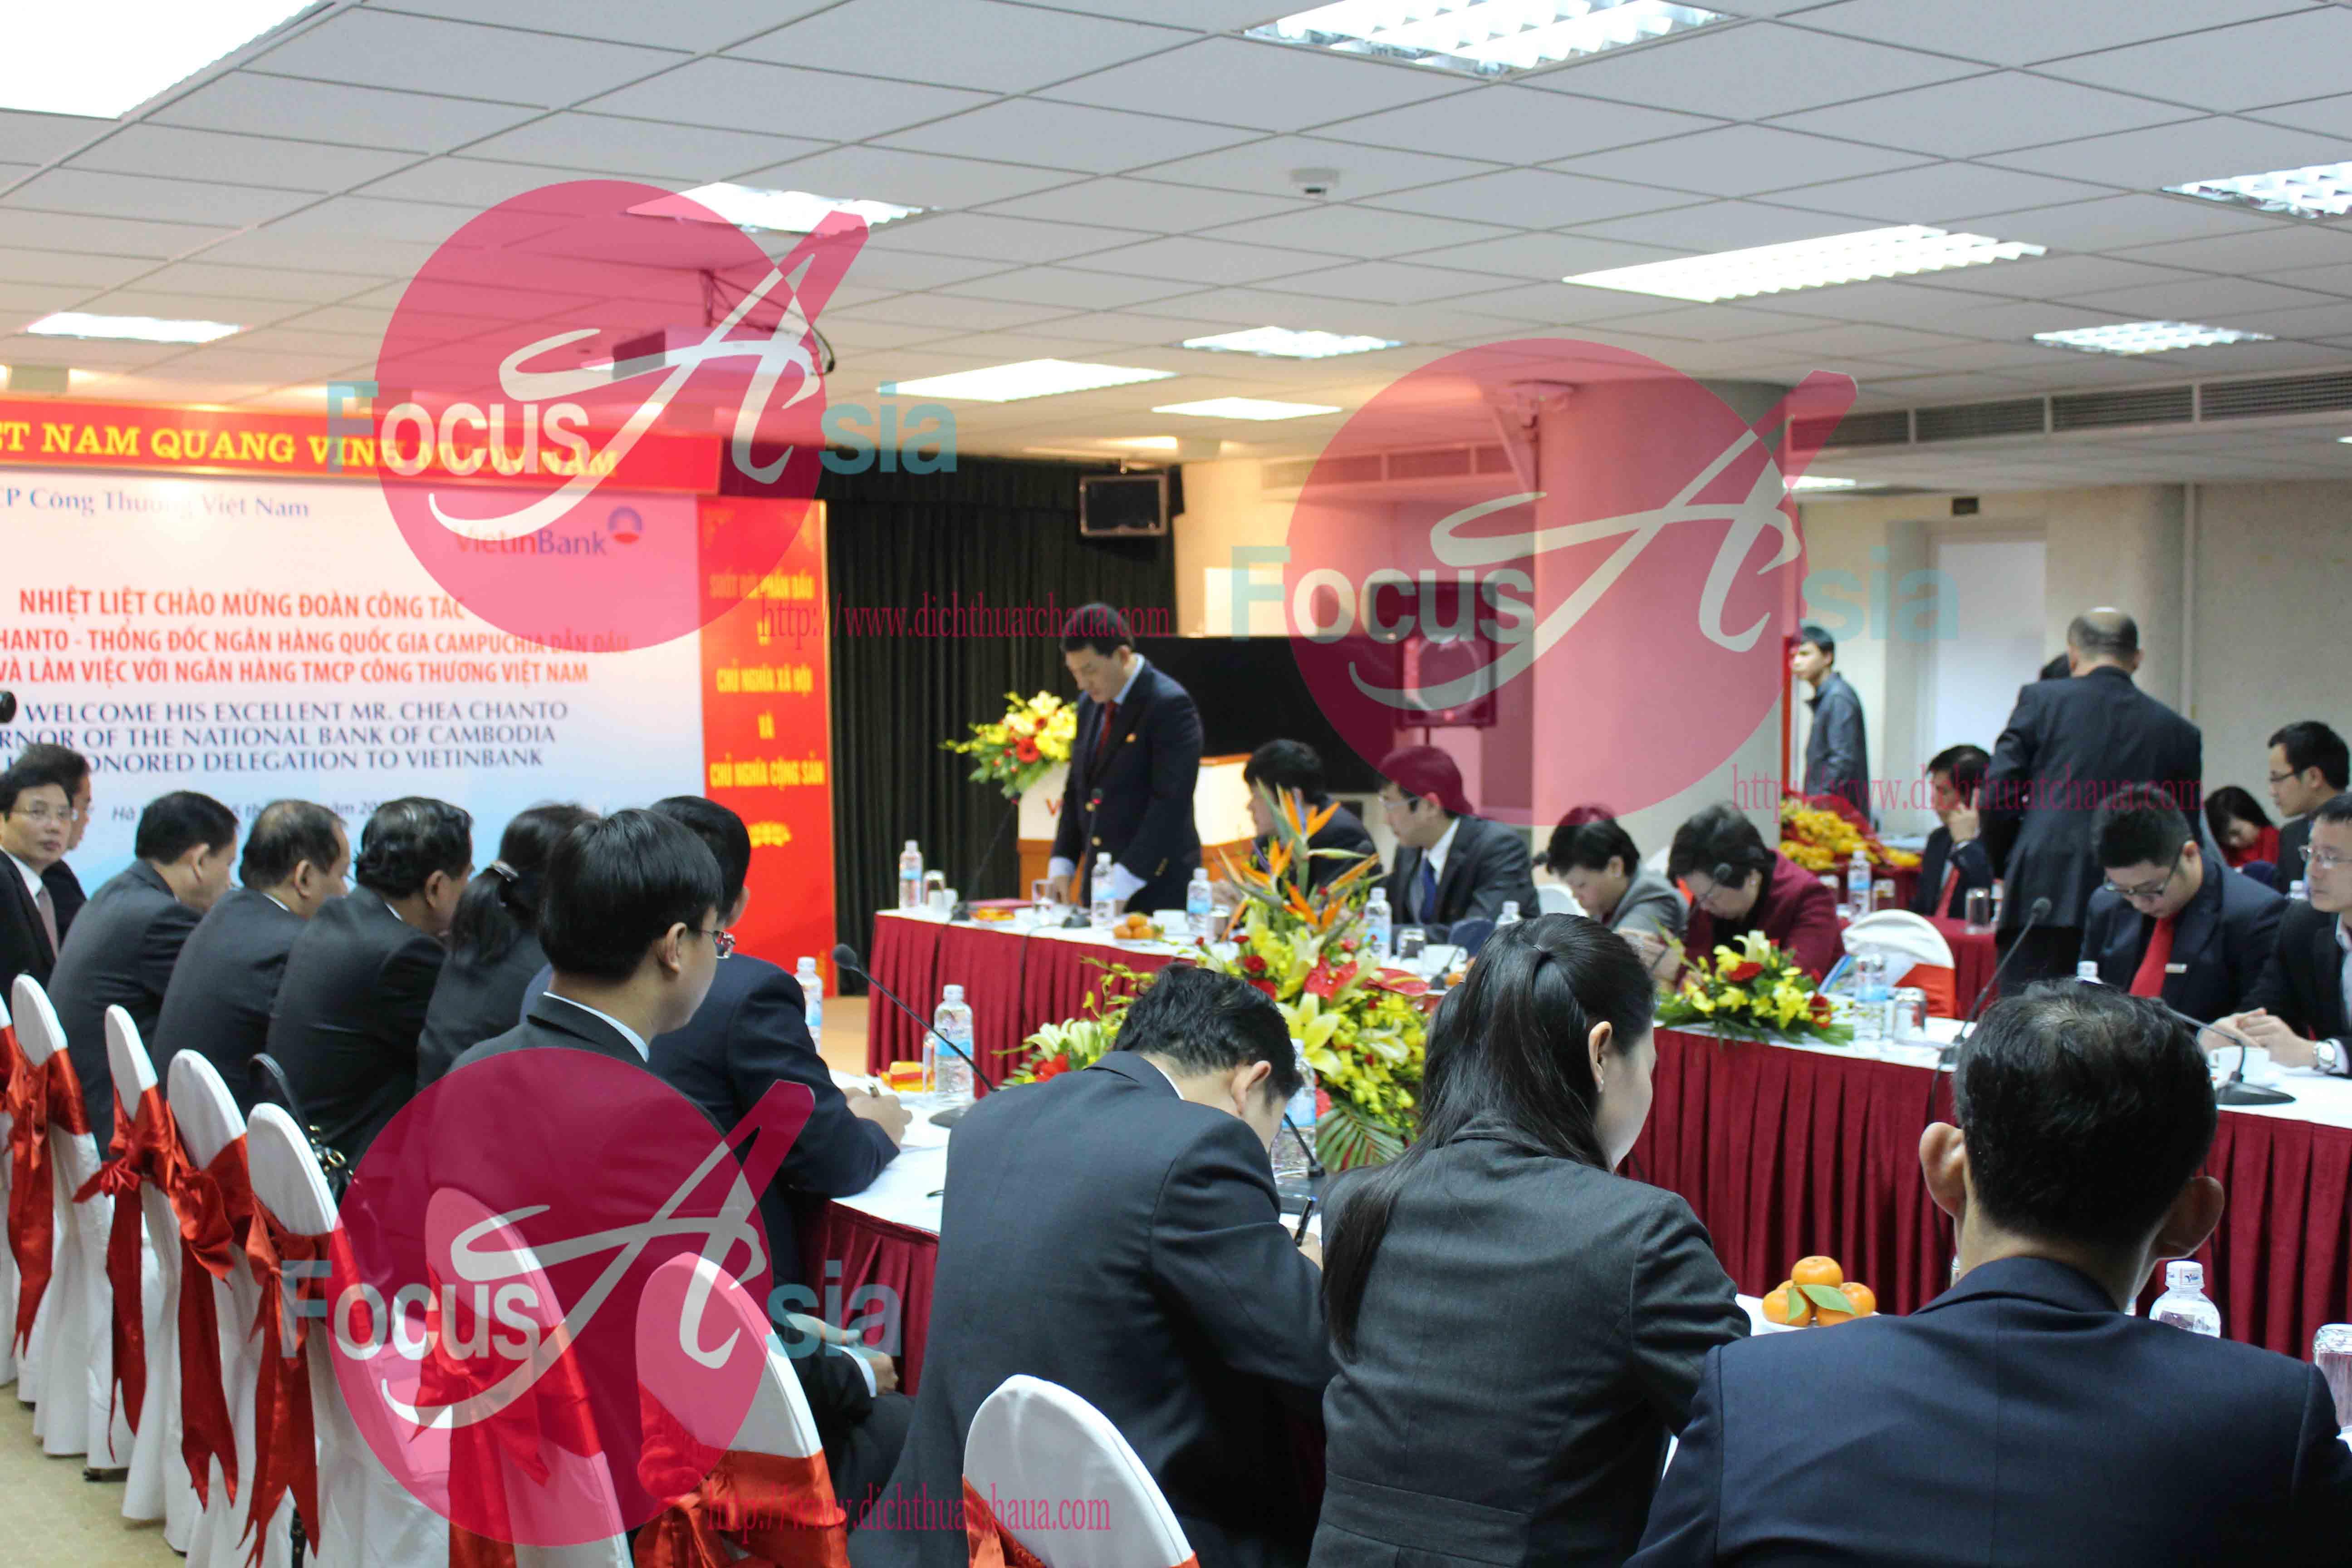 Nội dung cuộc họp được dịch qua tiếng Campuchia chuyên nghành tài chính ngân hàng